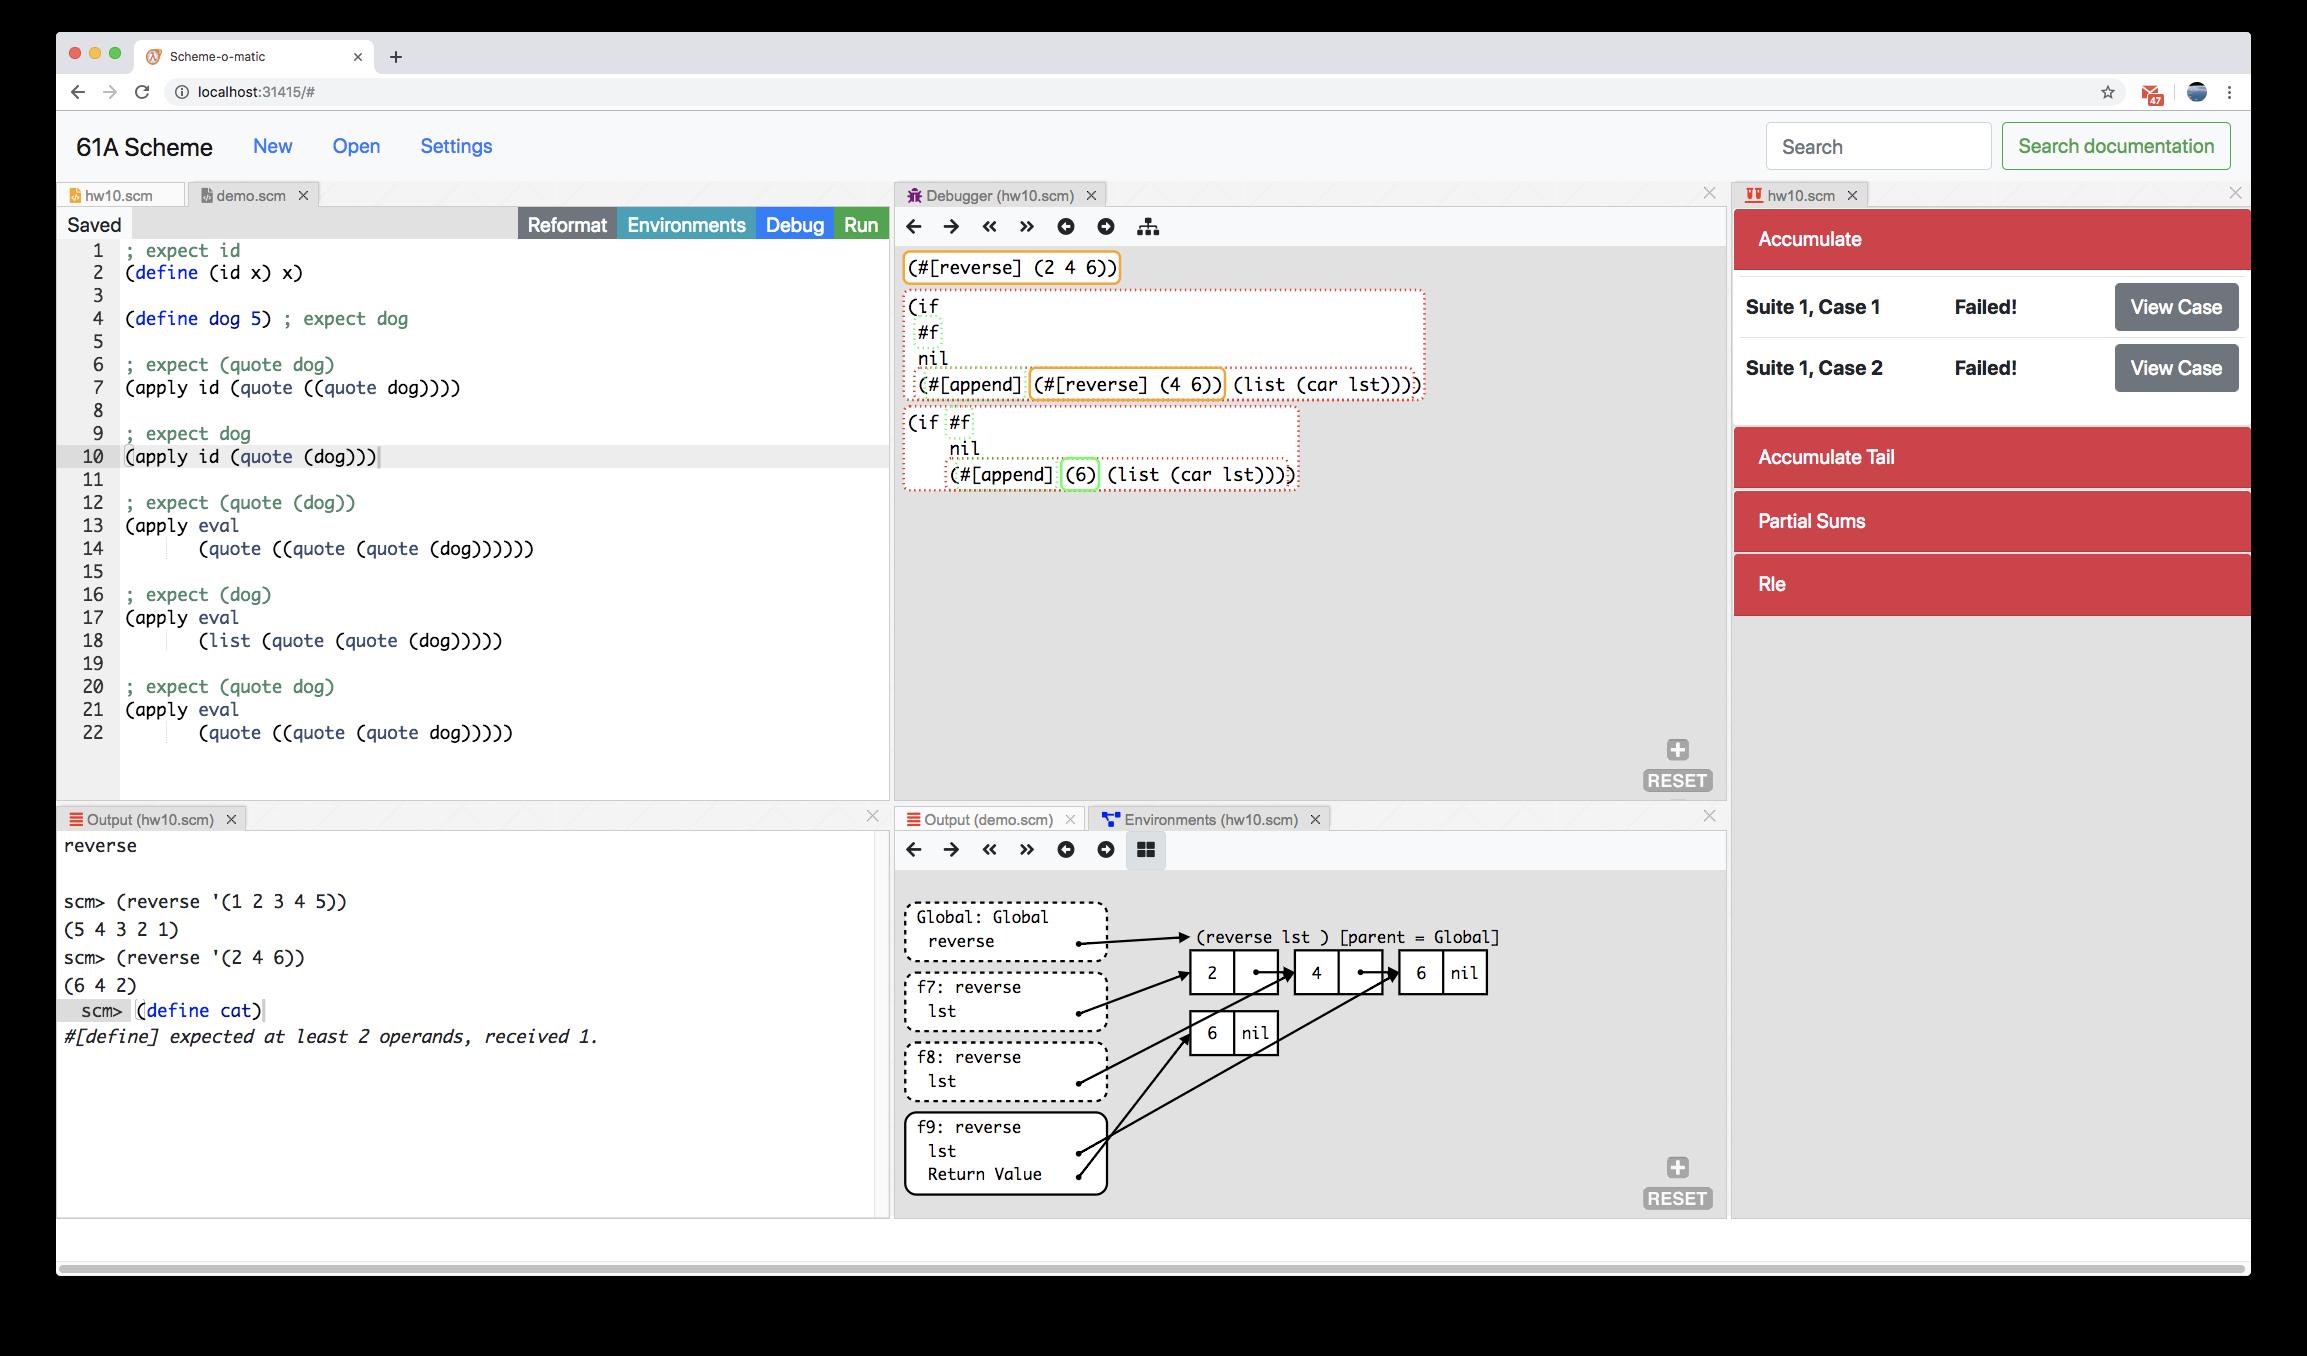 GitHub - Cal-CS-61A-Staff/scheme_editor: Web-based debugging tool